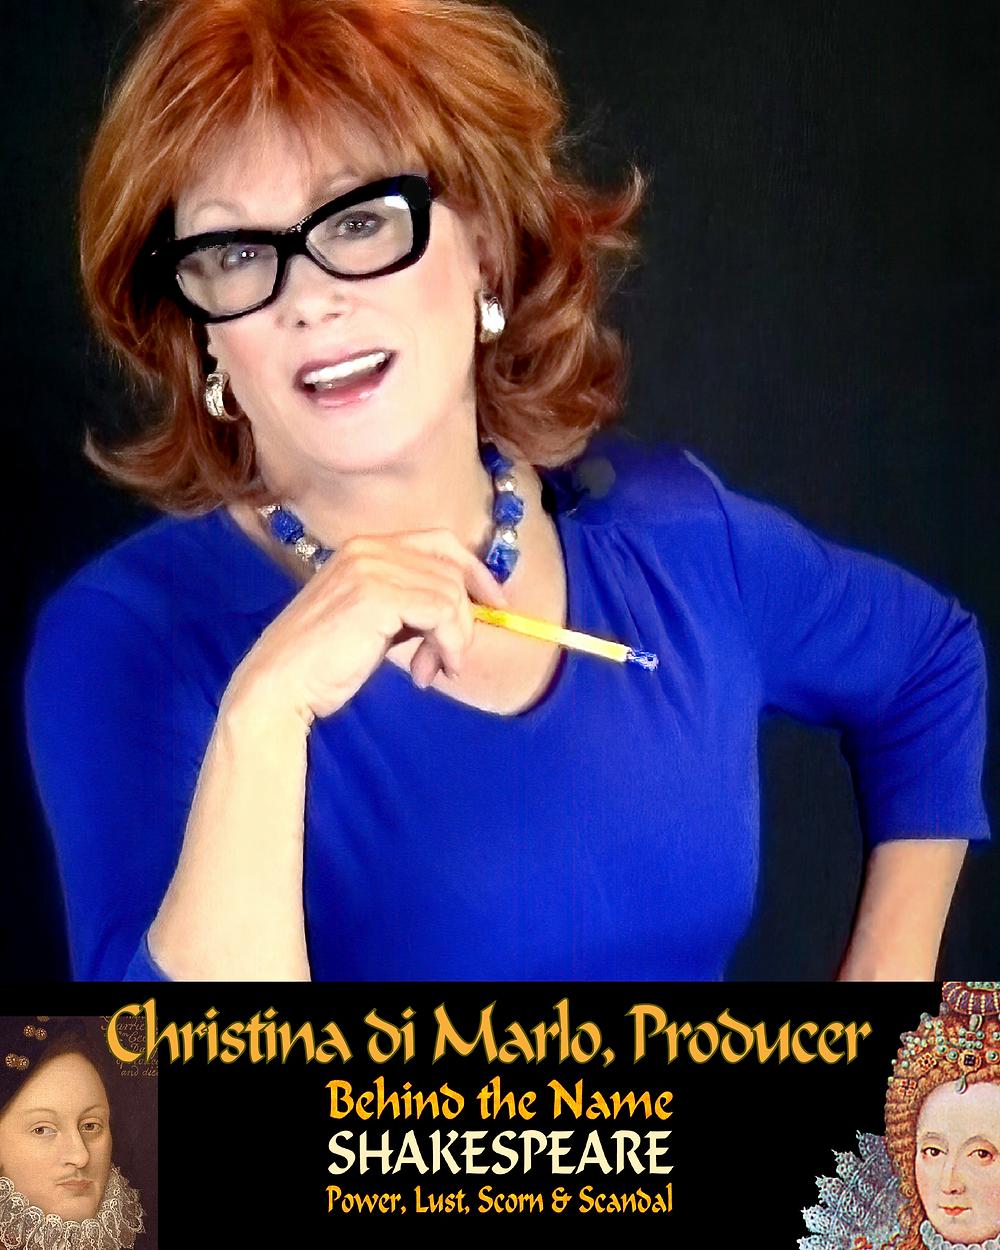 Picture of Christina di Marlo (aka Robin Phillips).